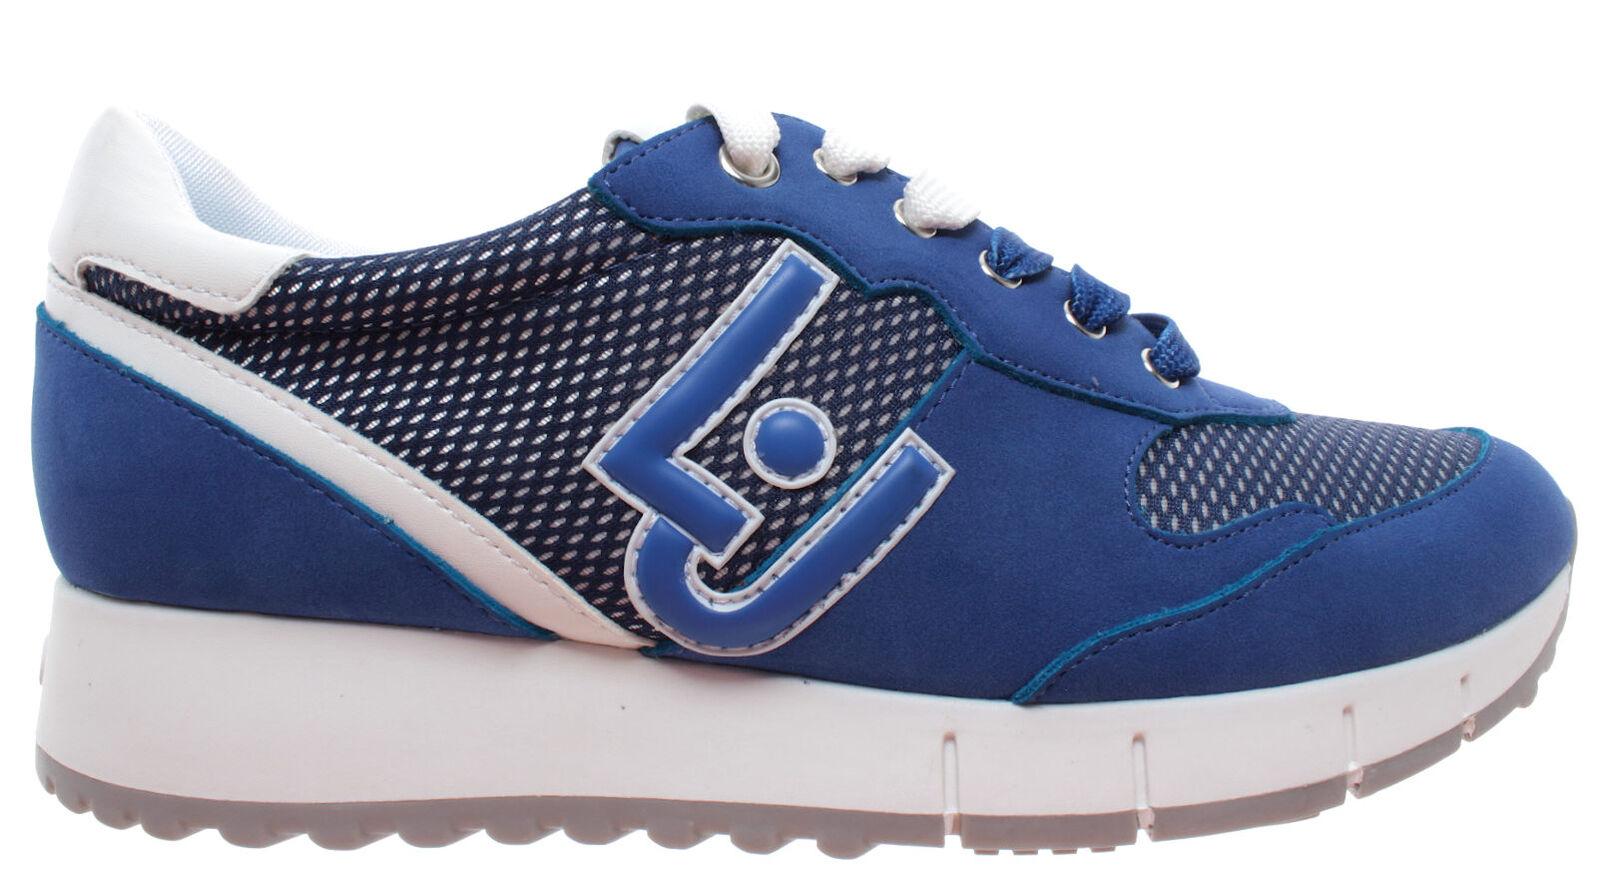 LIU JO Milano Gigi02 Running Cow Cow Cow Suede Mesh Deep azul Azul Zapatos Mujer zapatilla de deporte  disfruta ahorrando 30-50% de descuento